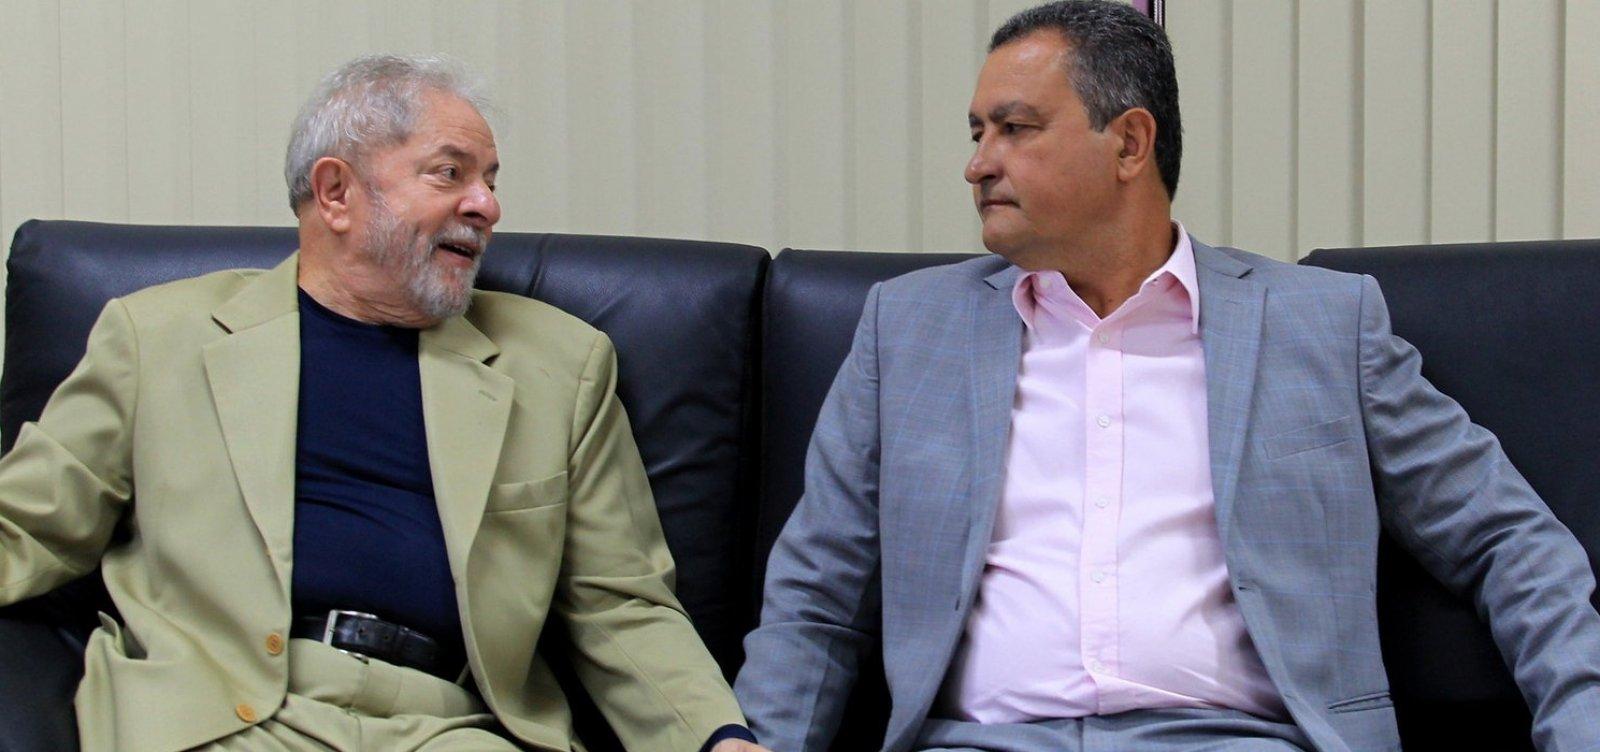 ['Ele tem que saber que o Brasil é diferente da Bahia', diz Lula sobre Rui]